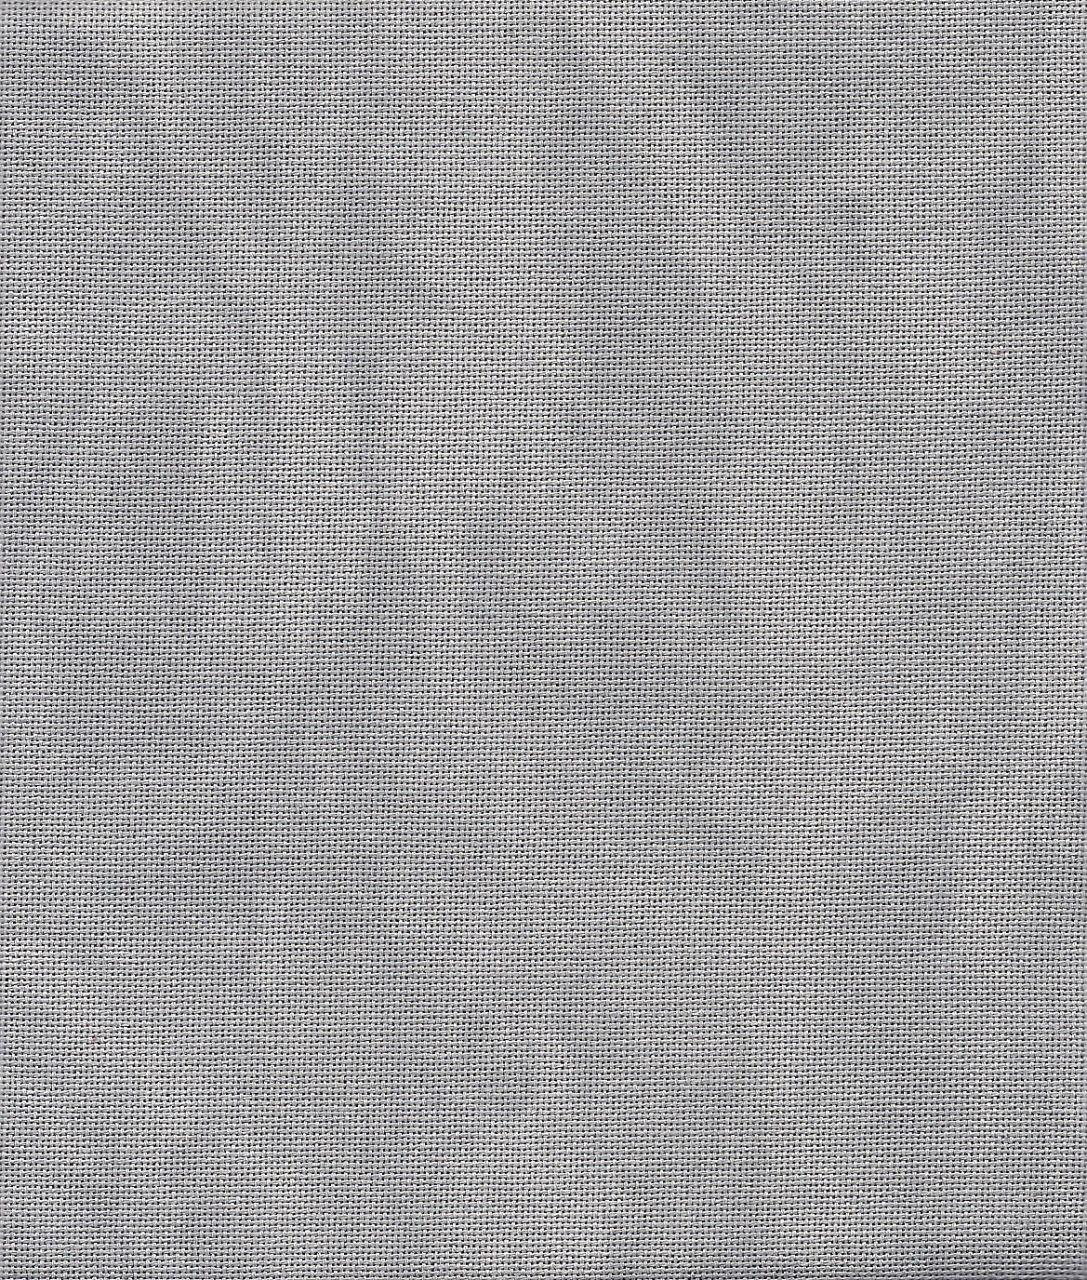 Murano Lugana márványos szürke 70